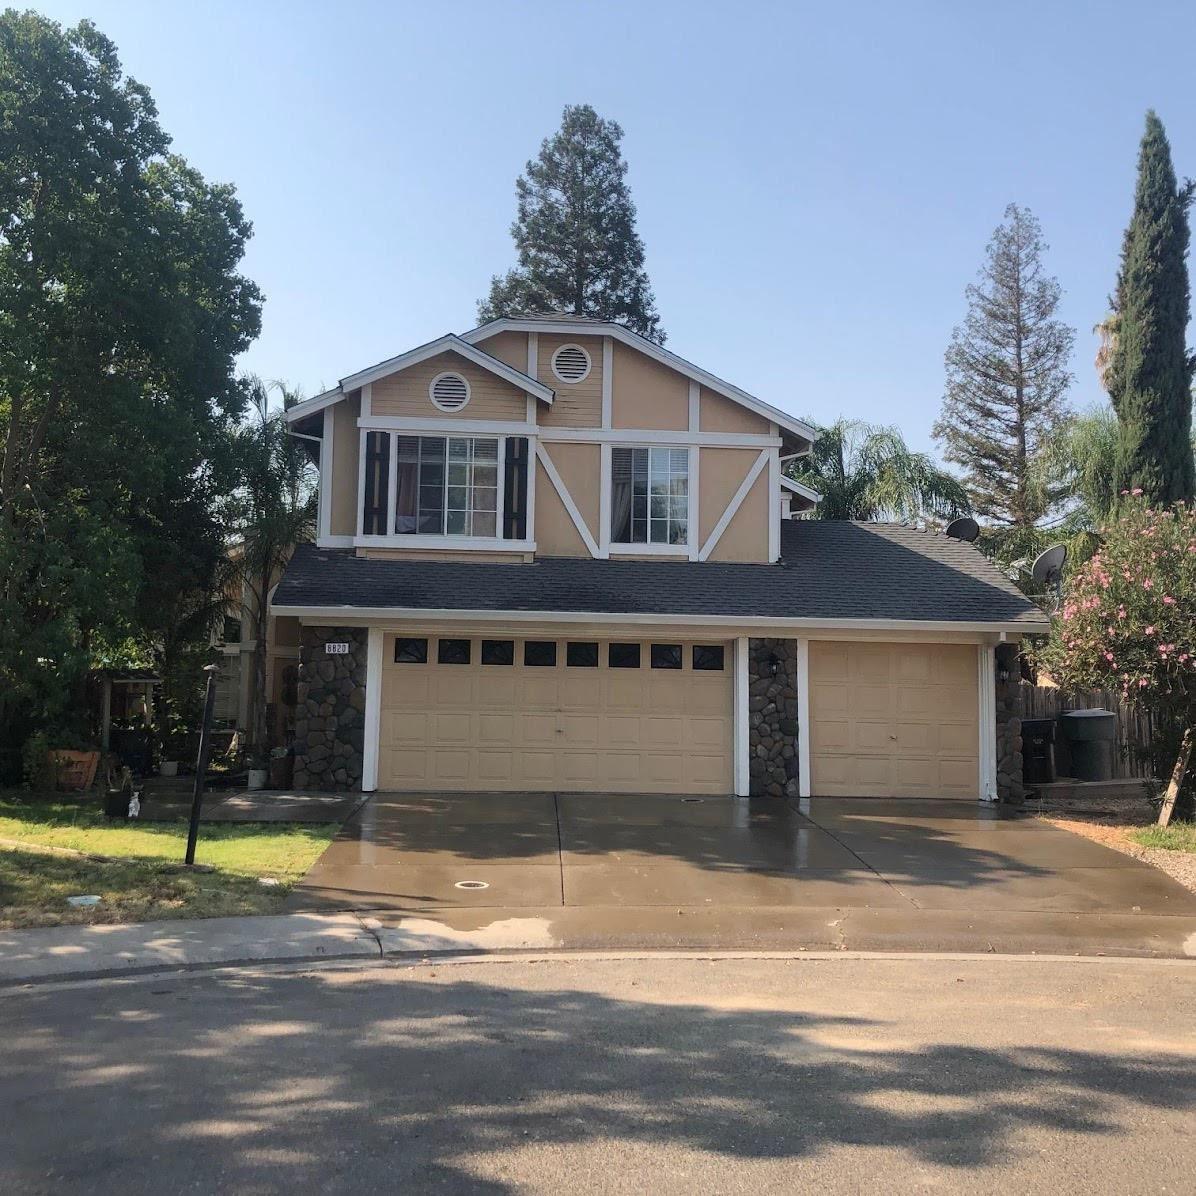 8820 Little John Court, Sacramento, CA 95828 - MLS#: 221117280